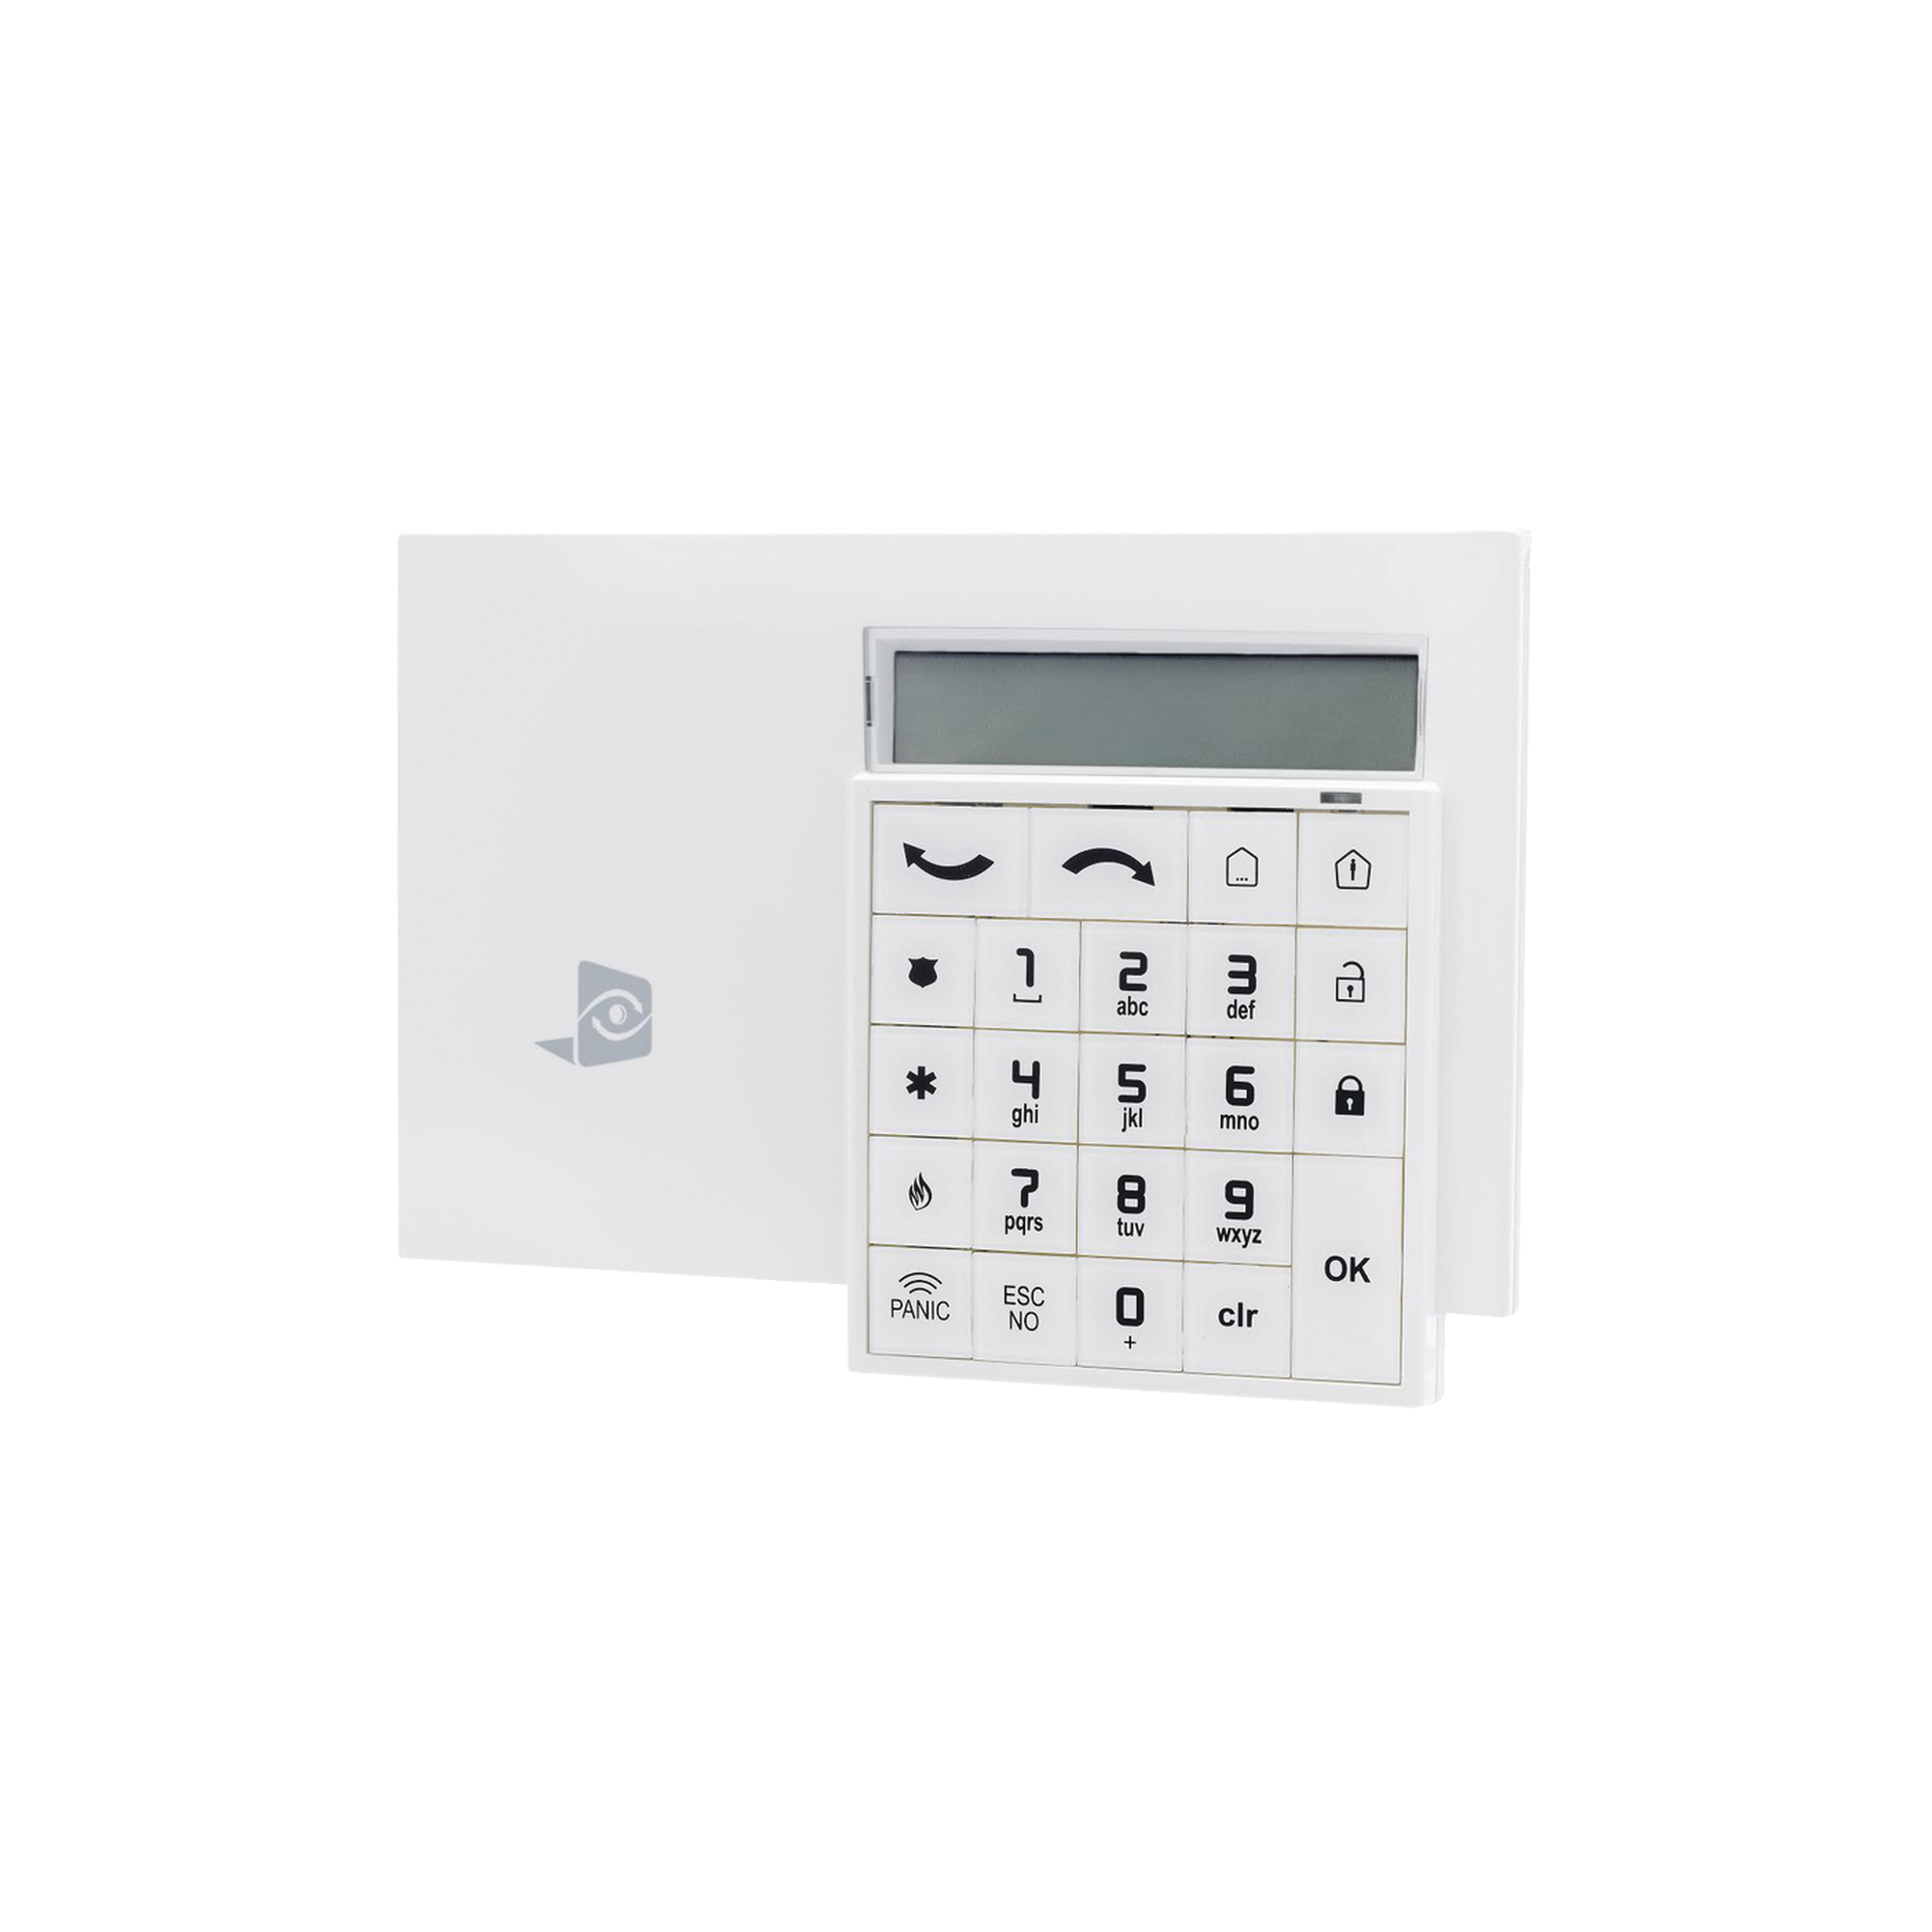 Teclado alfanumérico inalámbrico para paneles WIP630 y XTOIP630 de VideoFied